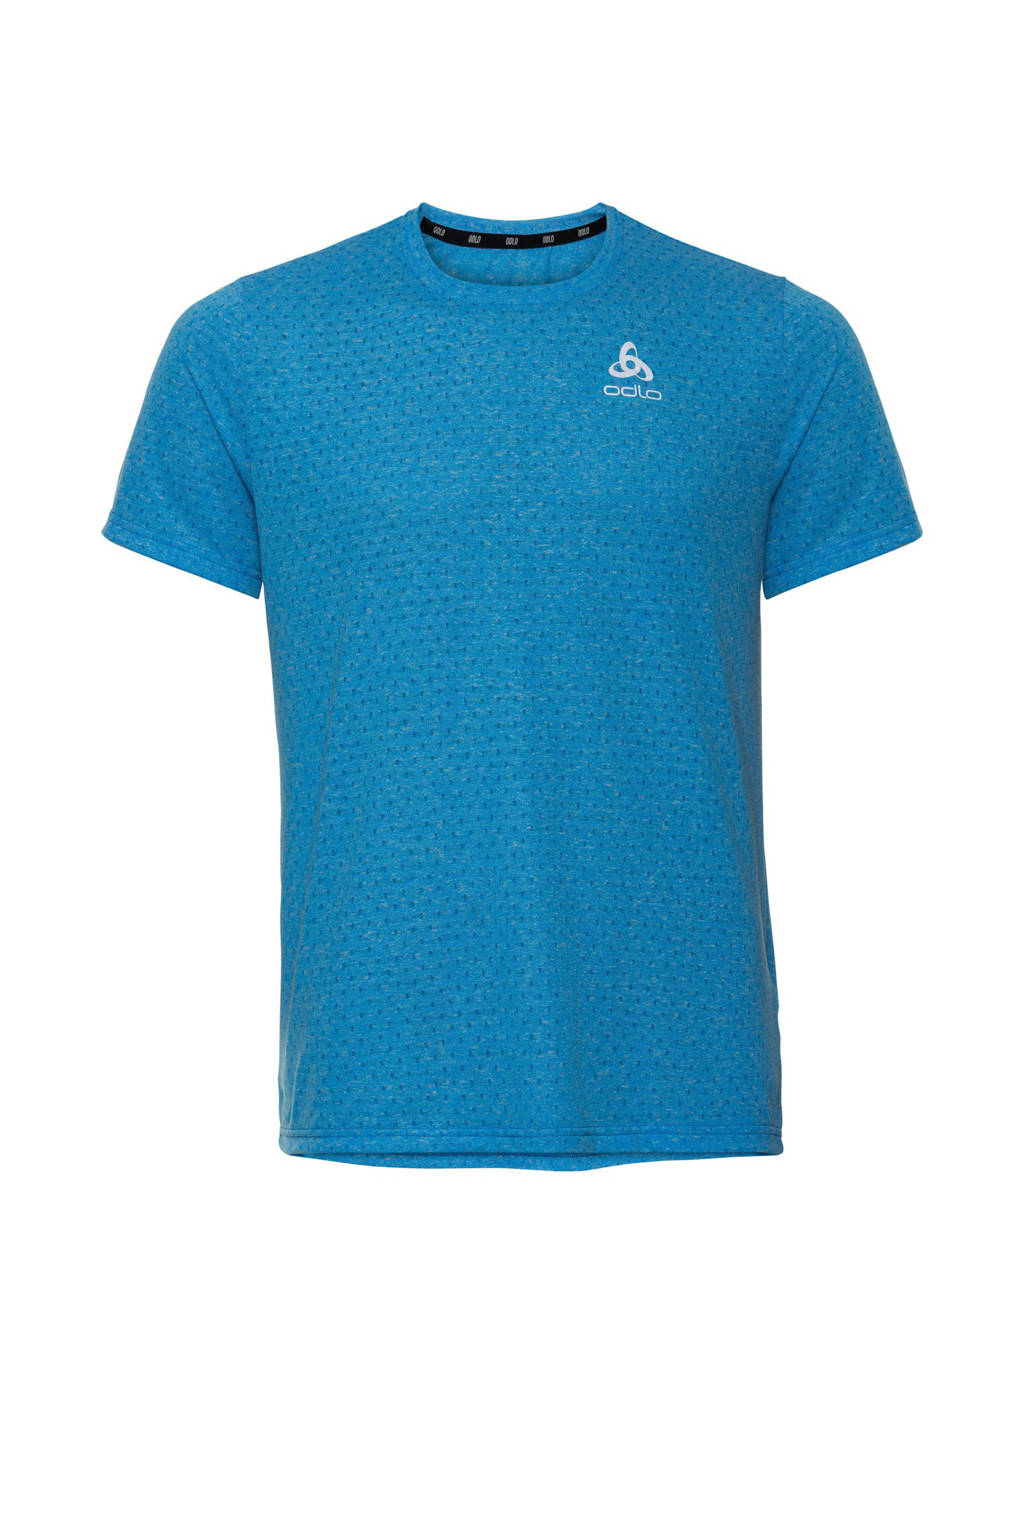 Odlo   hardloopshirt blauw, Blauw